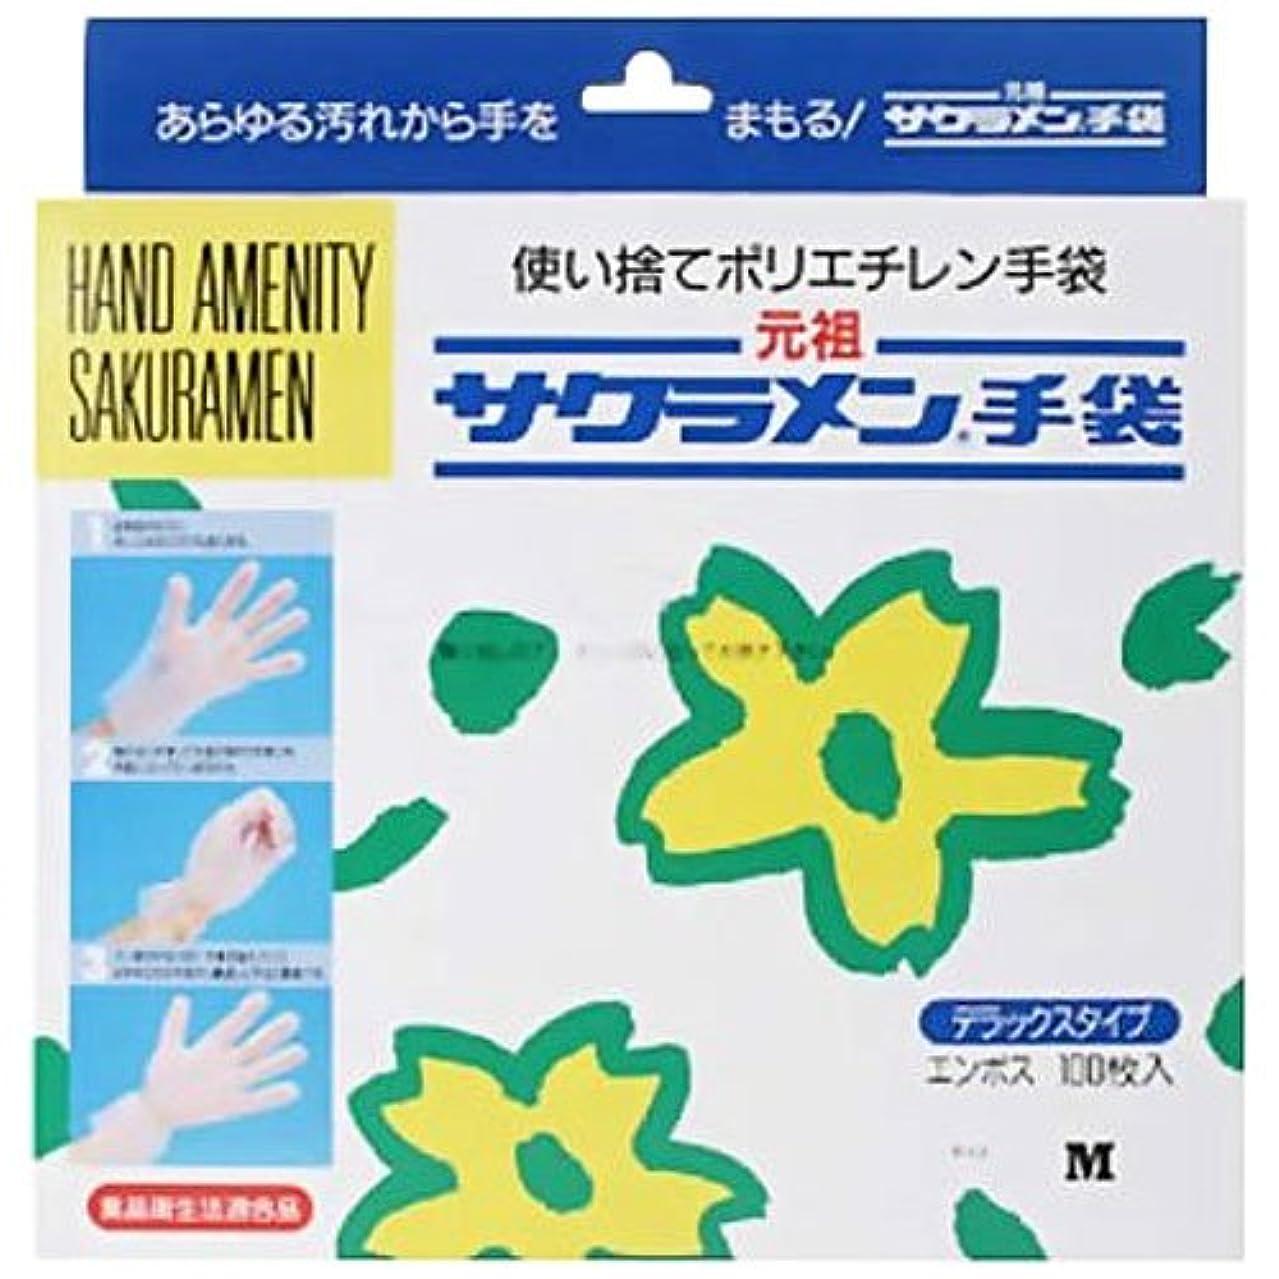 姿勢むしゃむしゃ確かなサクラメン手袋 使い捨てポリエチレン手袋 サクラメン手袋 デラックス エンボス M 100枚入 SAE-100M